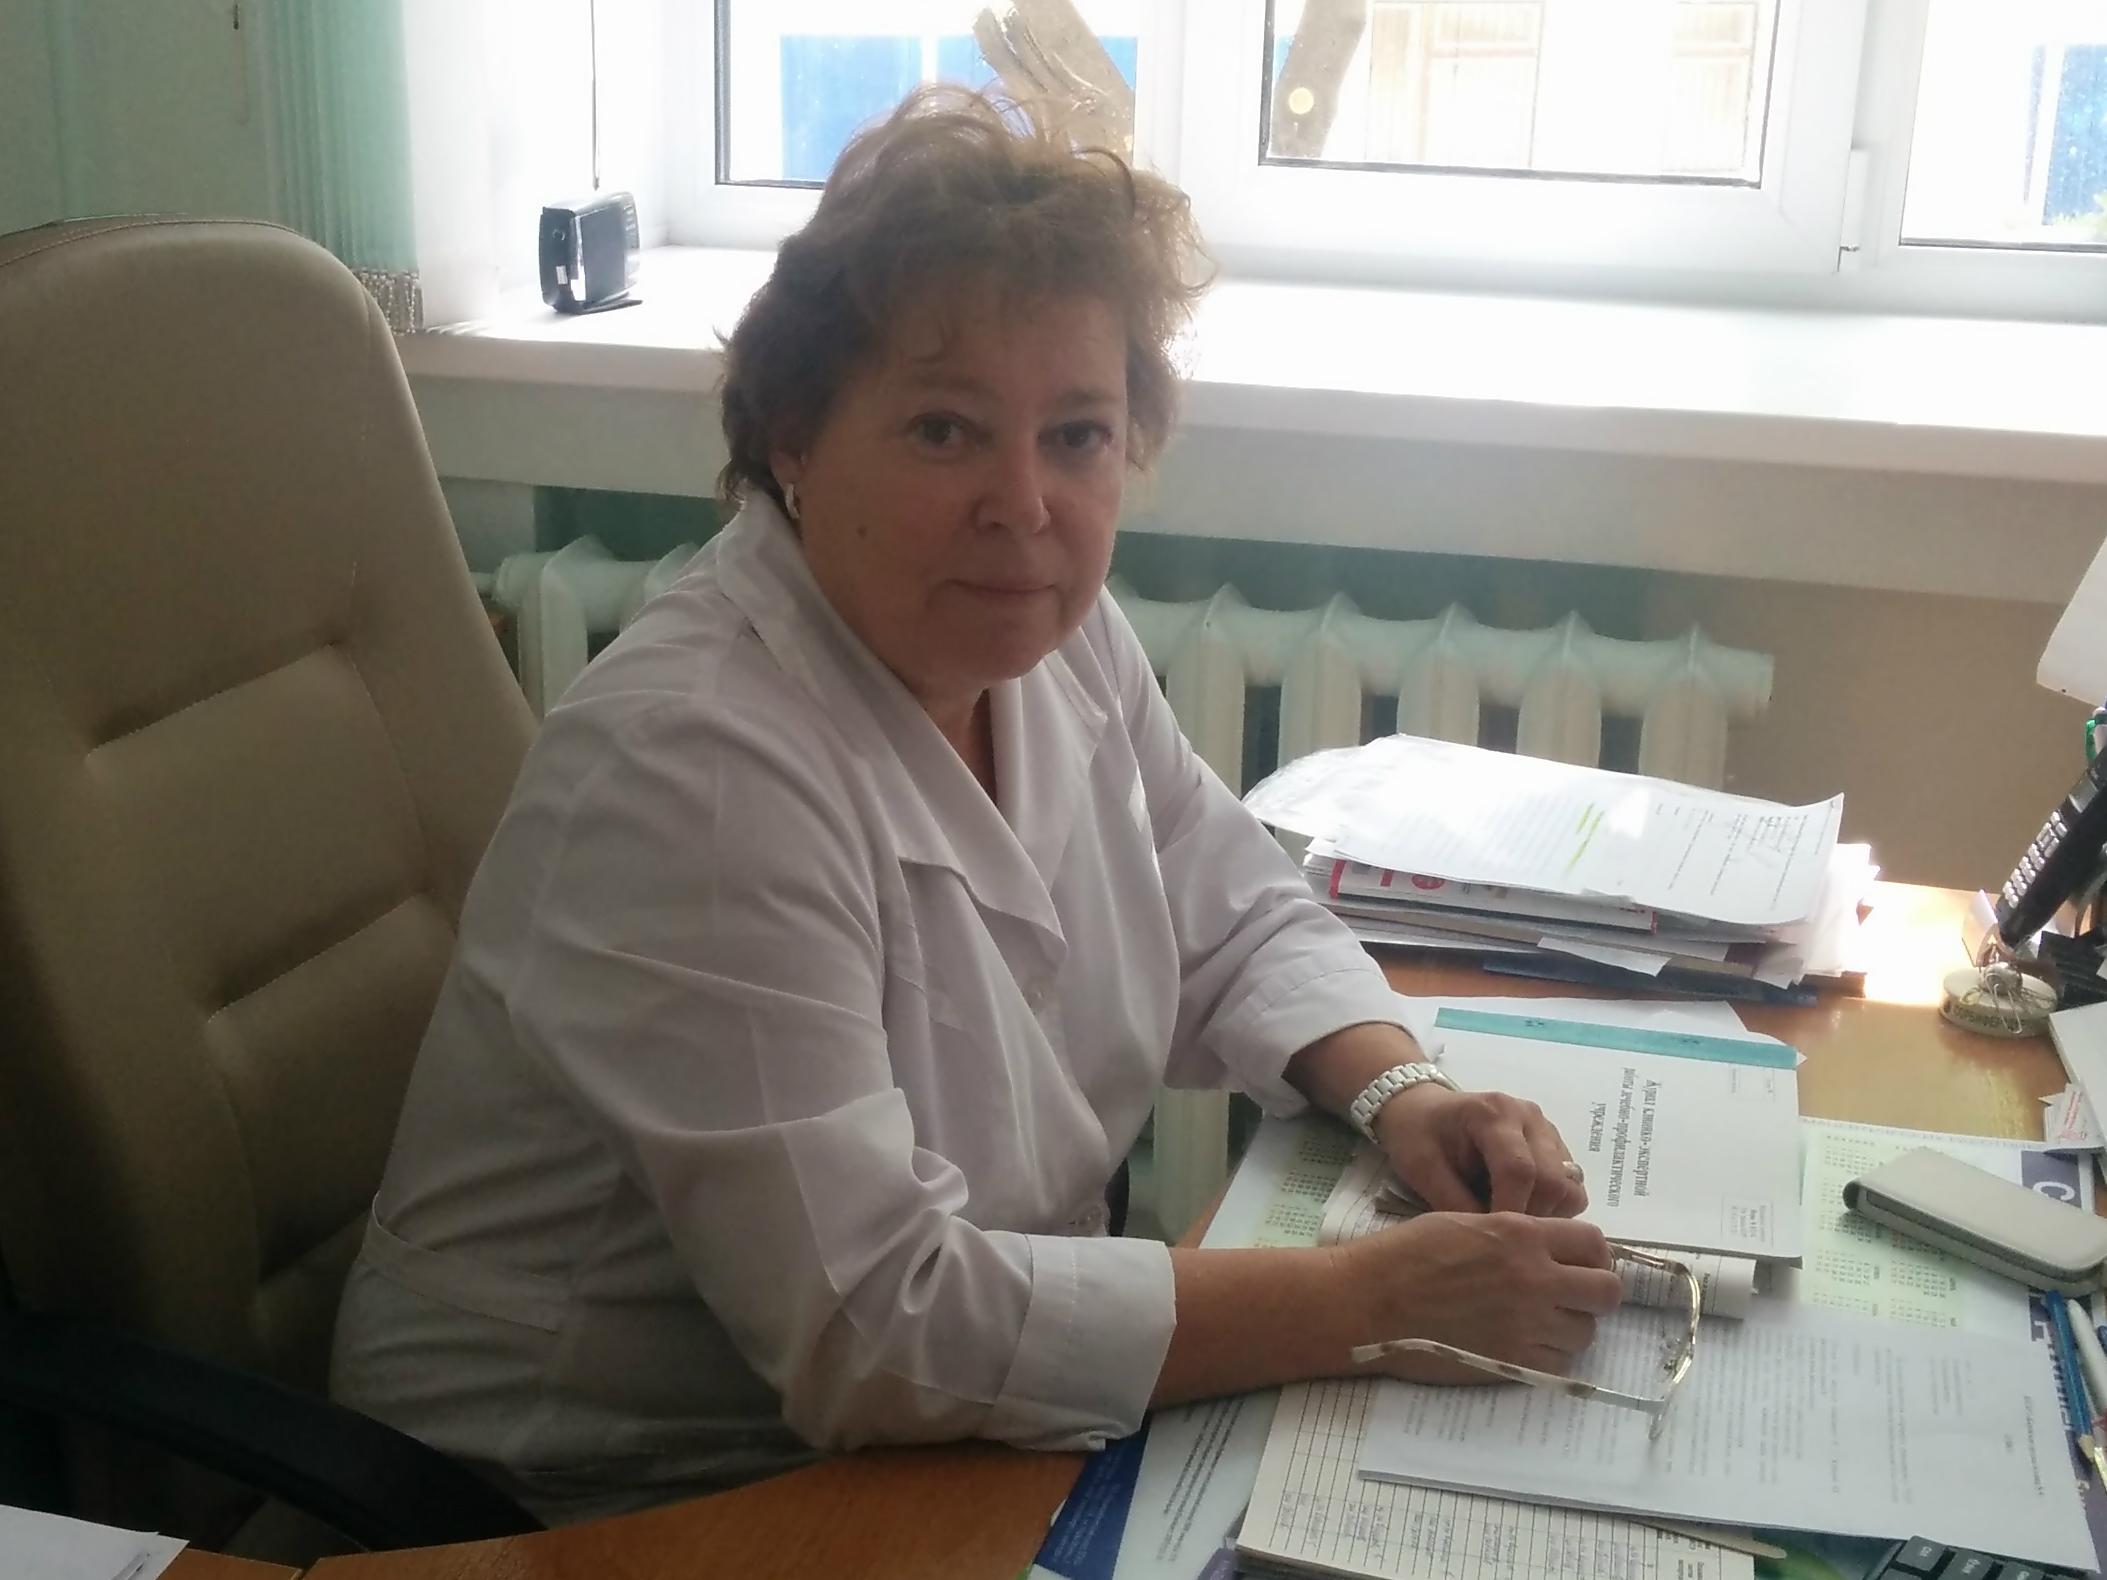 Черепанова Татьяна Васильевна - Заведующий женской консультации